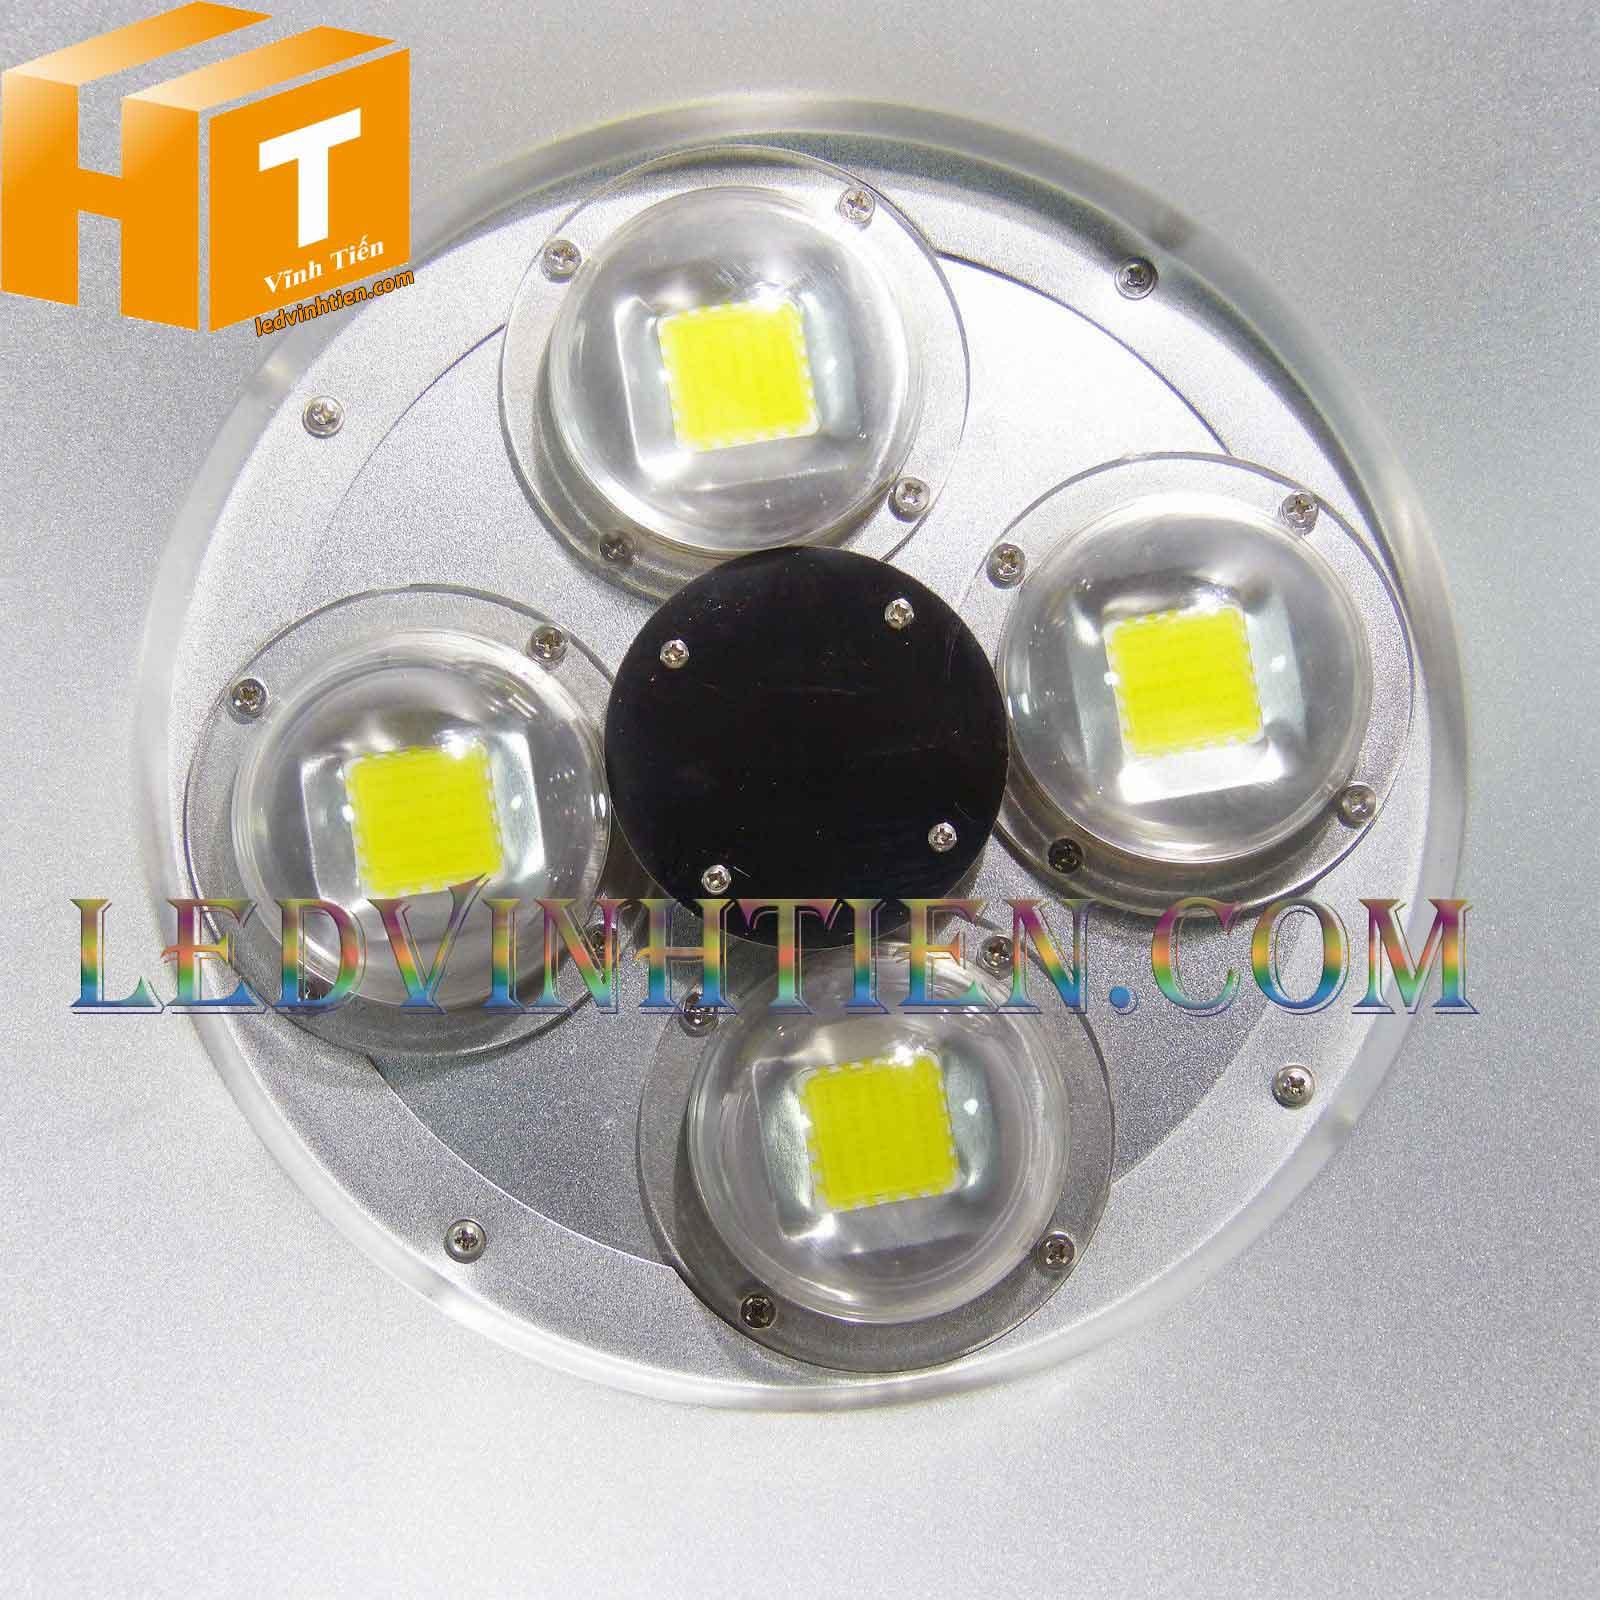 Đèn led nhà xưởng 200W loại tốt, giá rẻ, đủ công suất, ánh sáng trắng, vàng